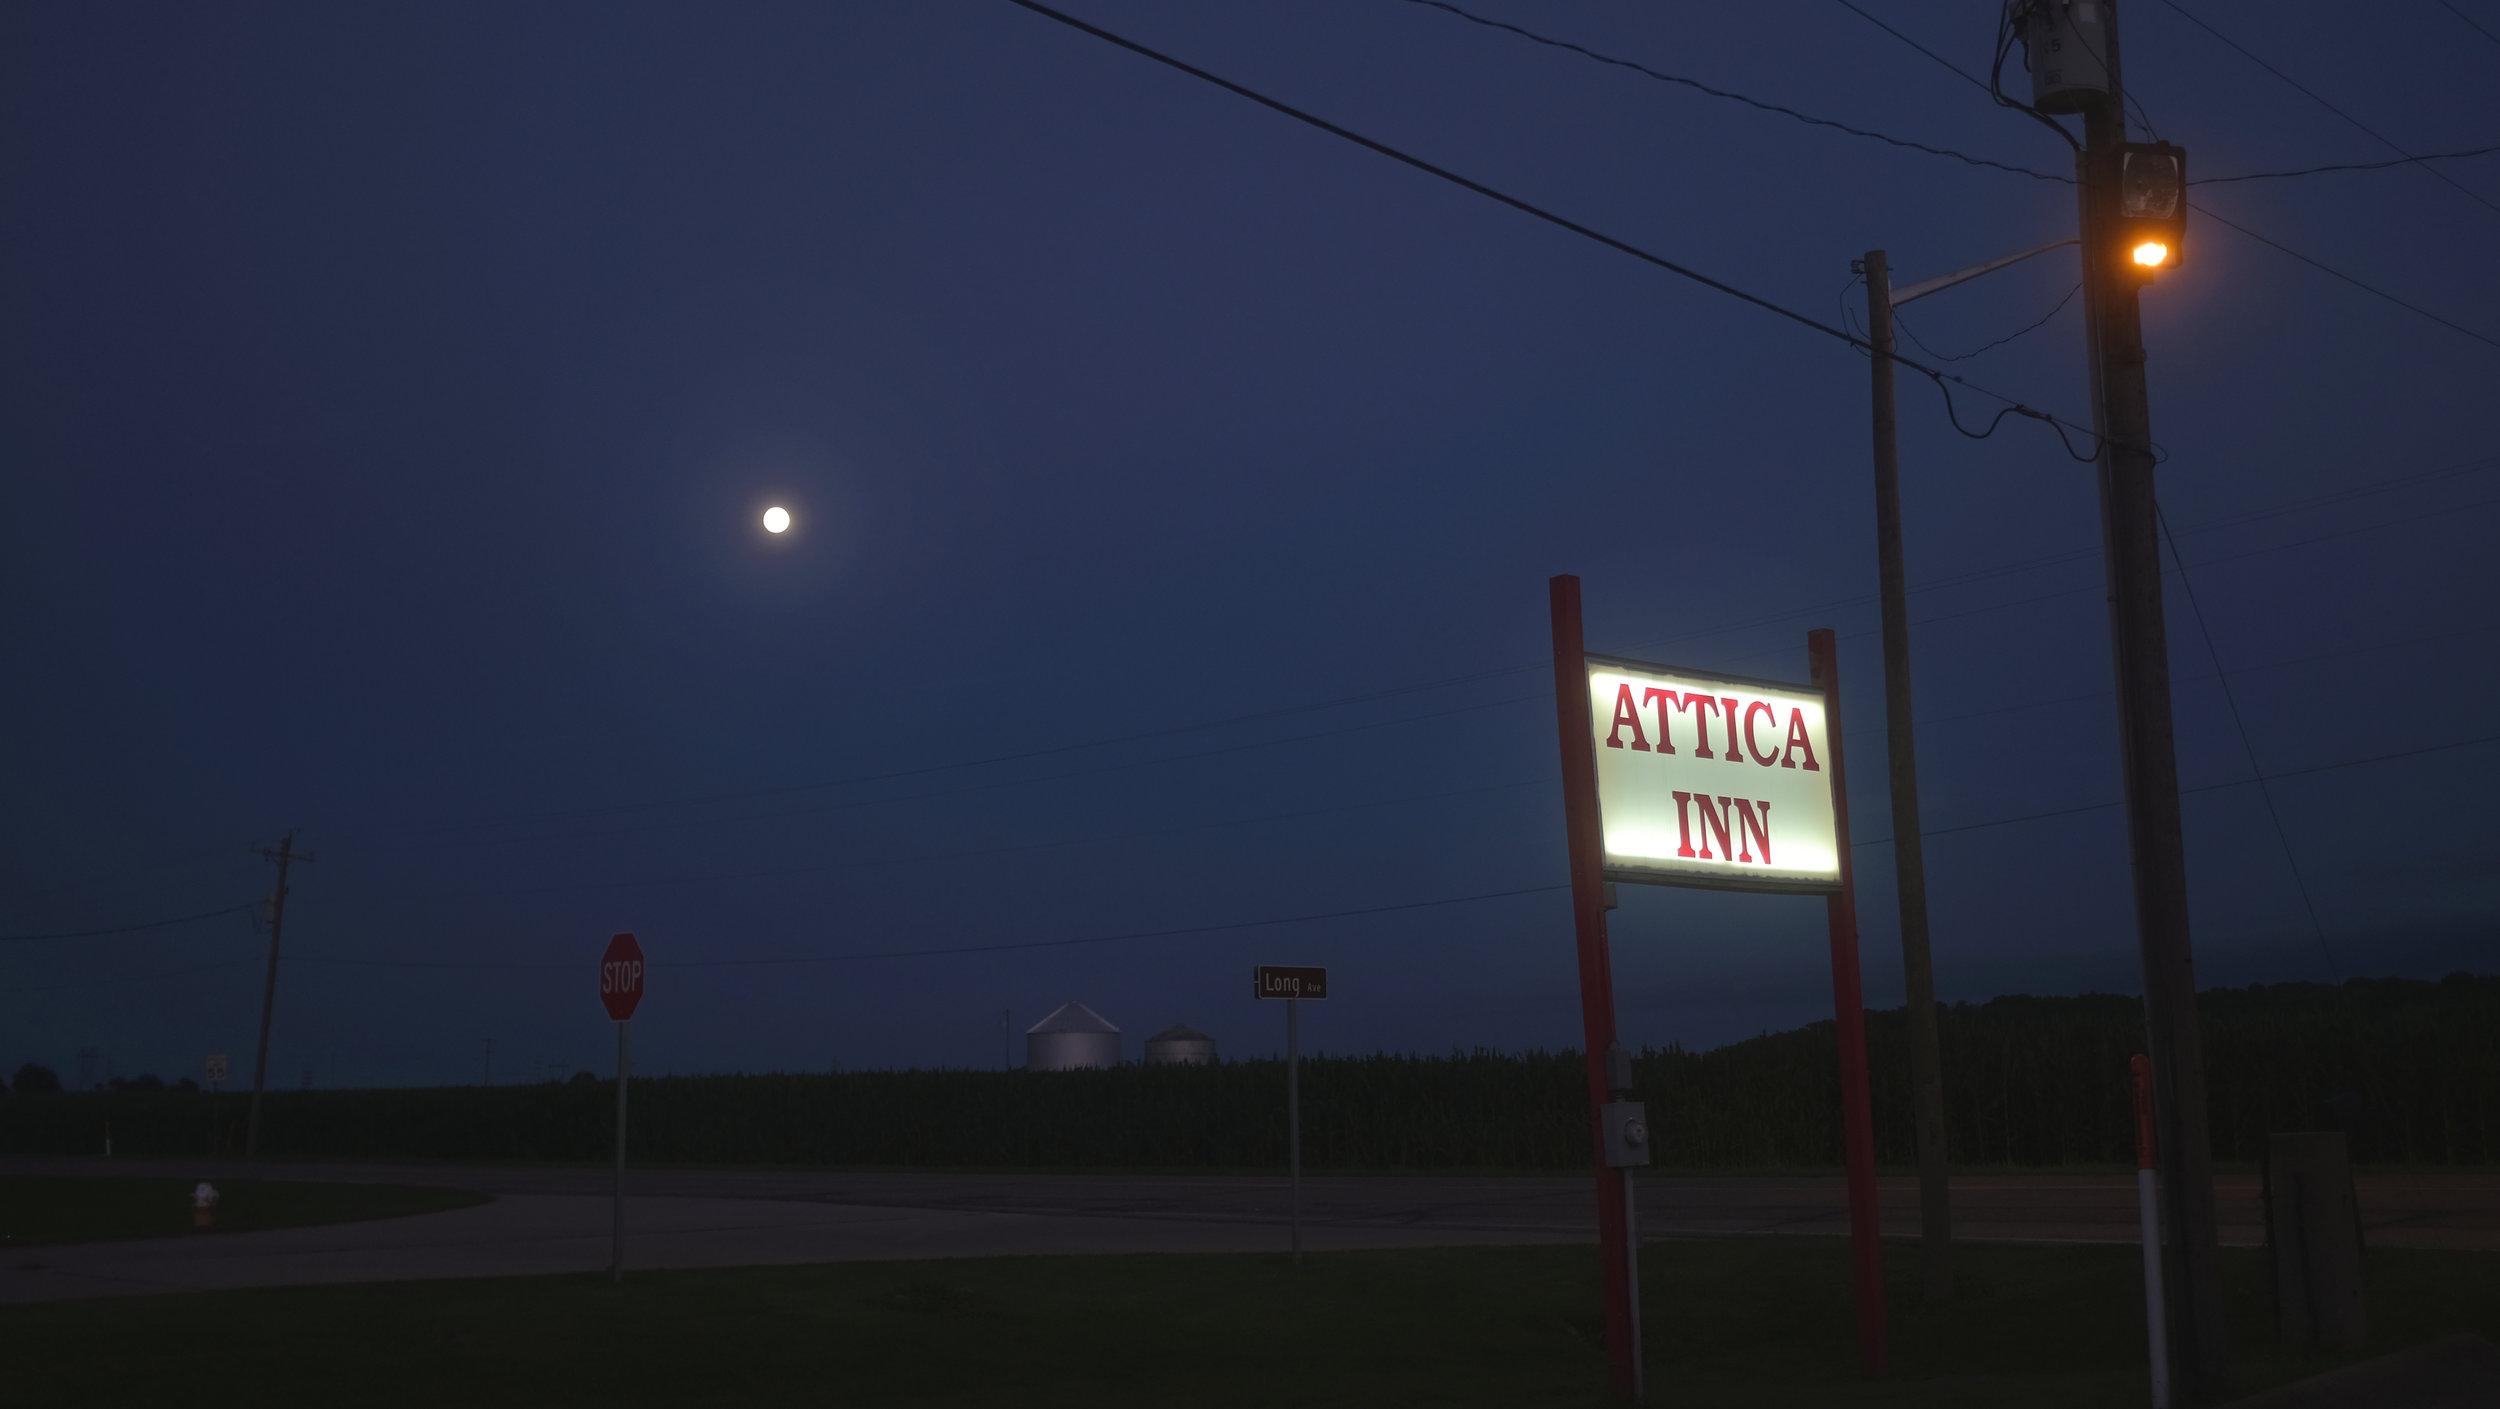 Attica inn.jpg